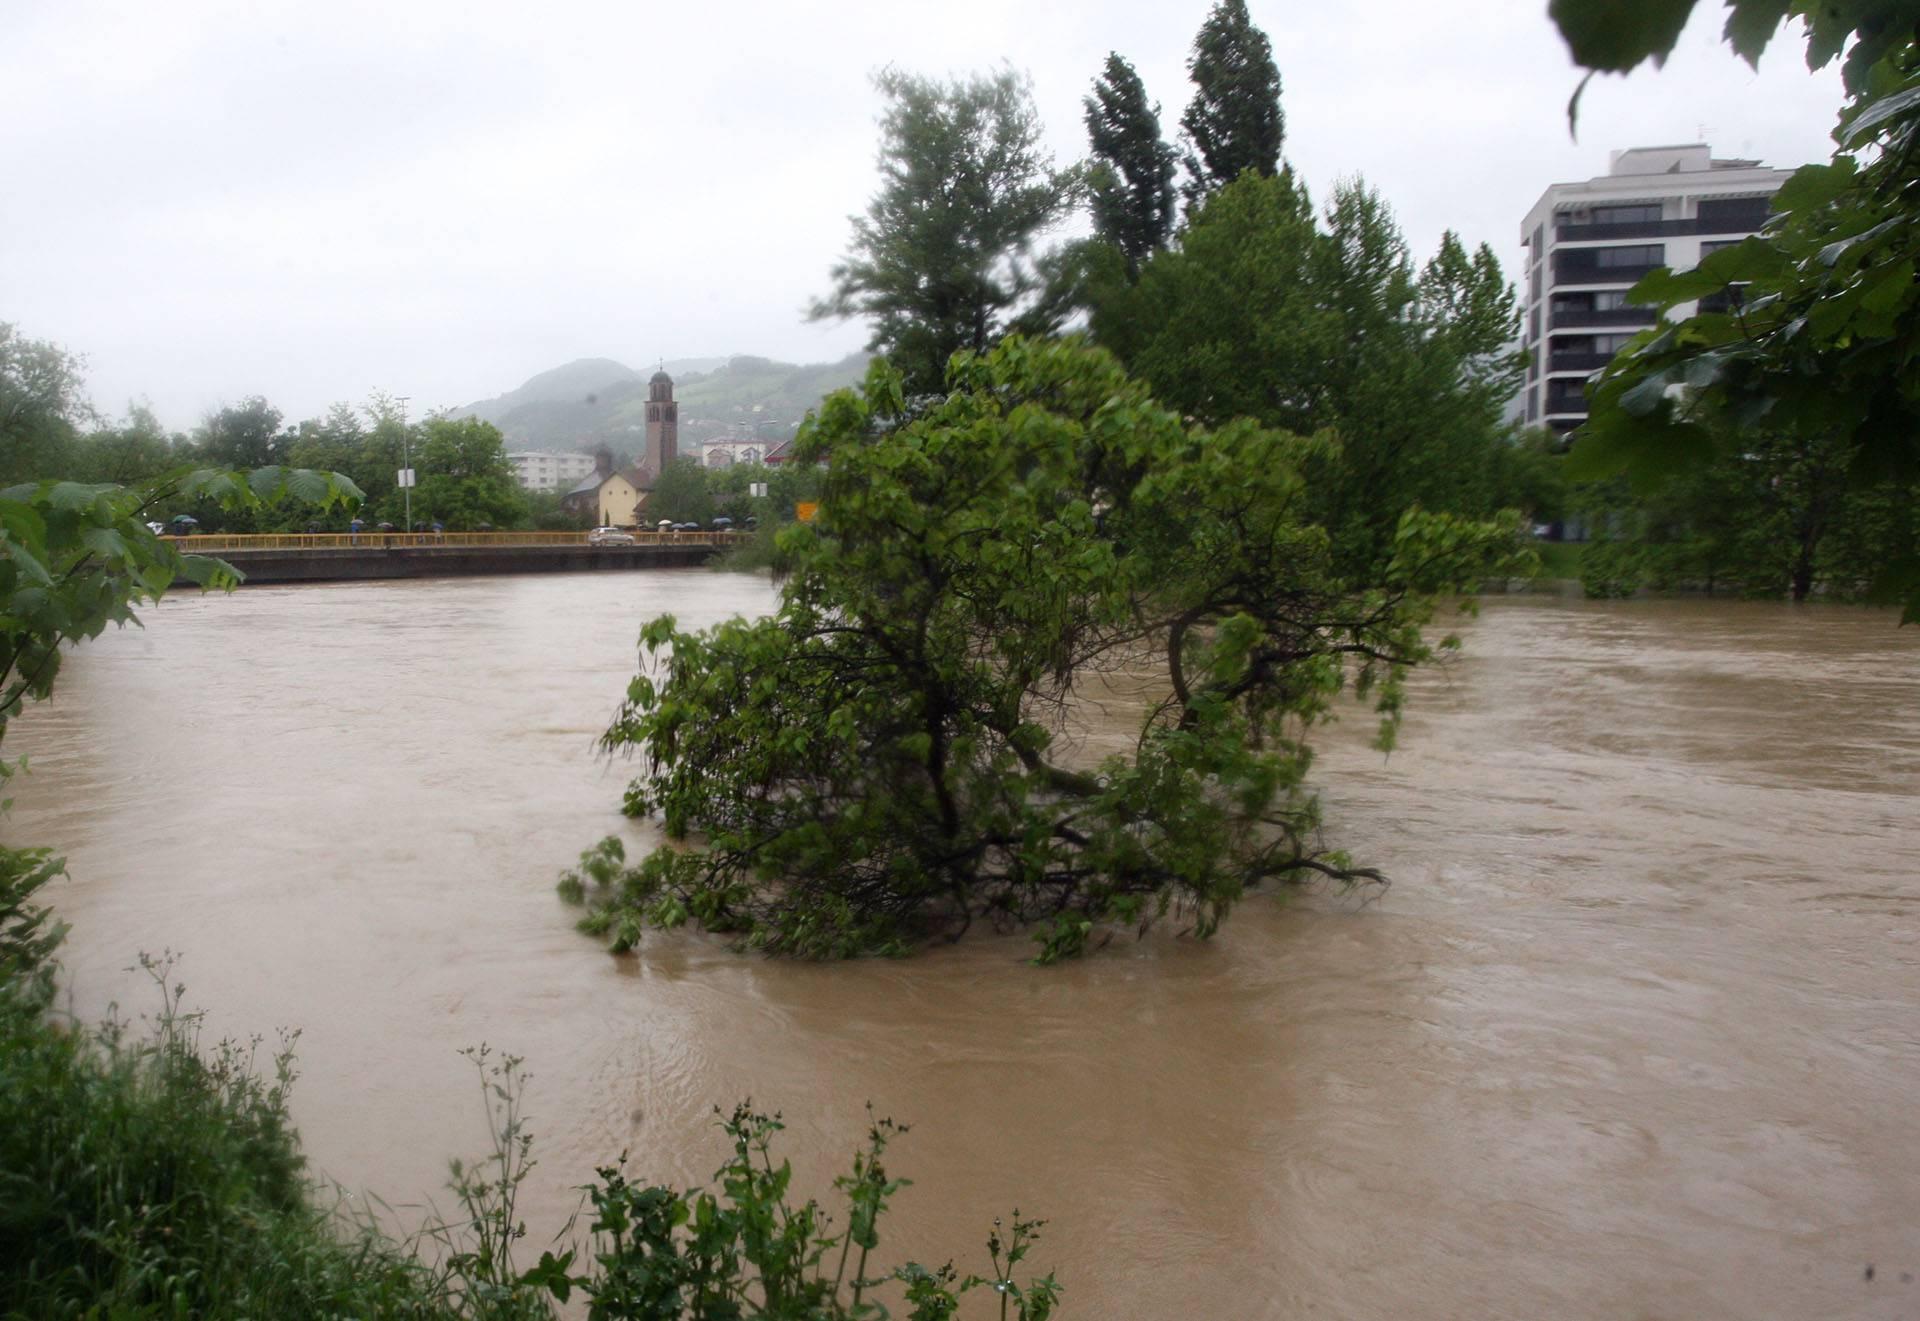 Misteriozne prometne nesreće: Tri auta završila u rijeci Vrbas